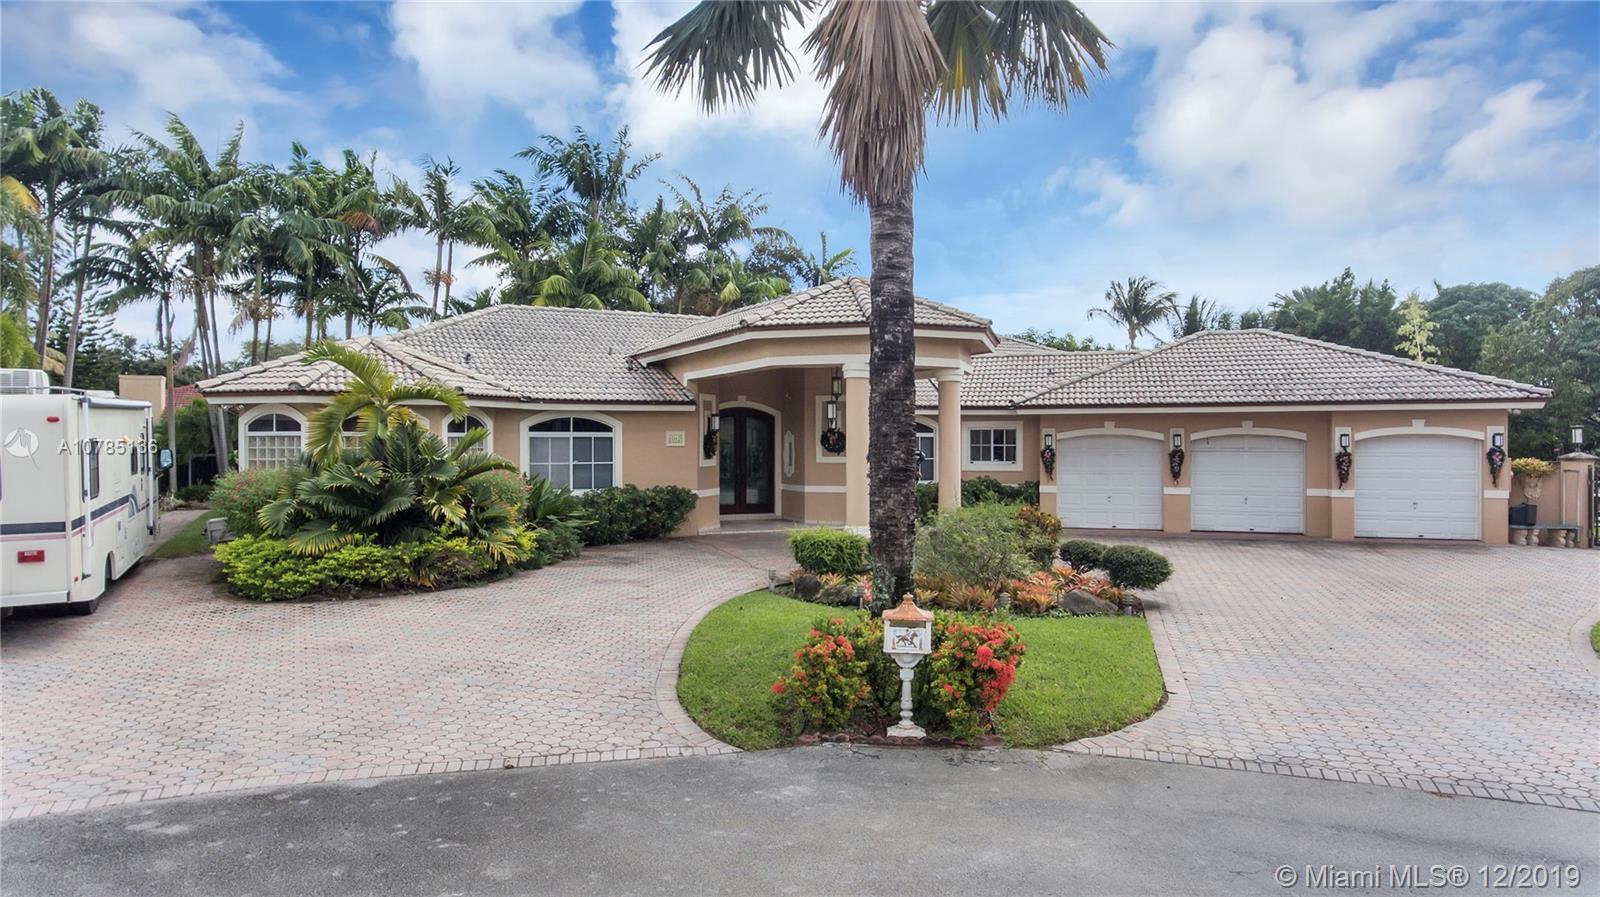 2661 SW 111th Ct, Miami, FL 33165